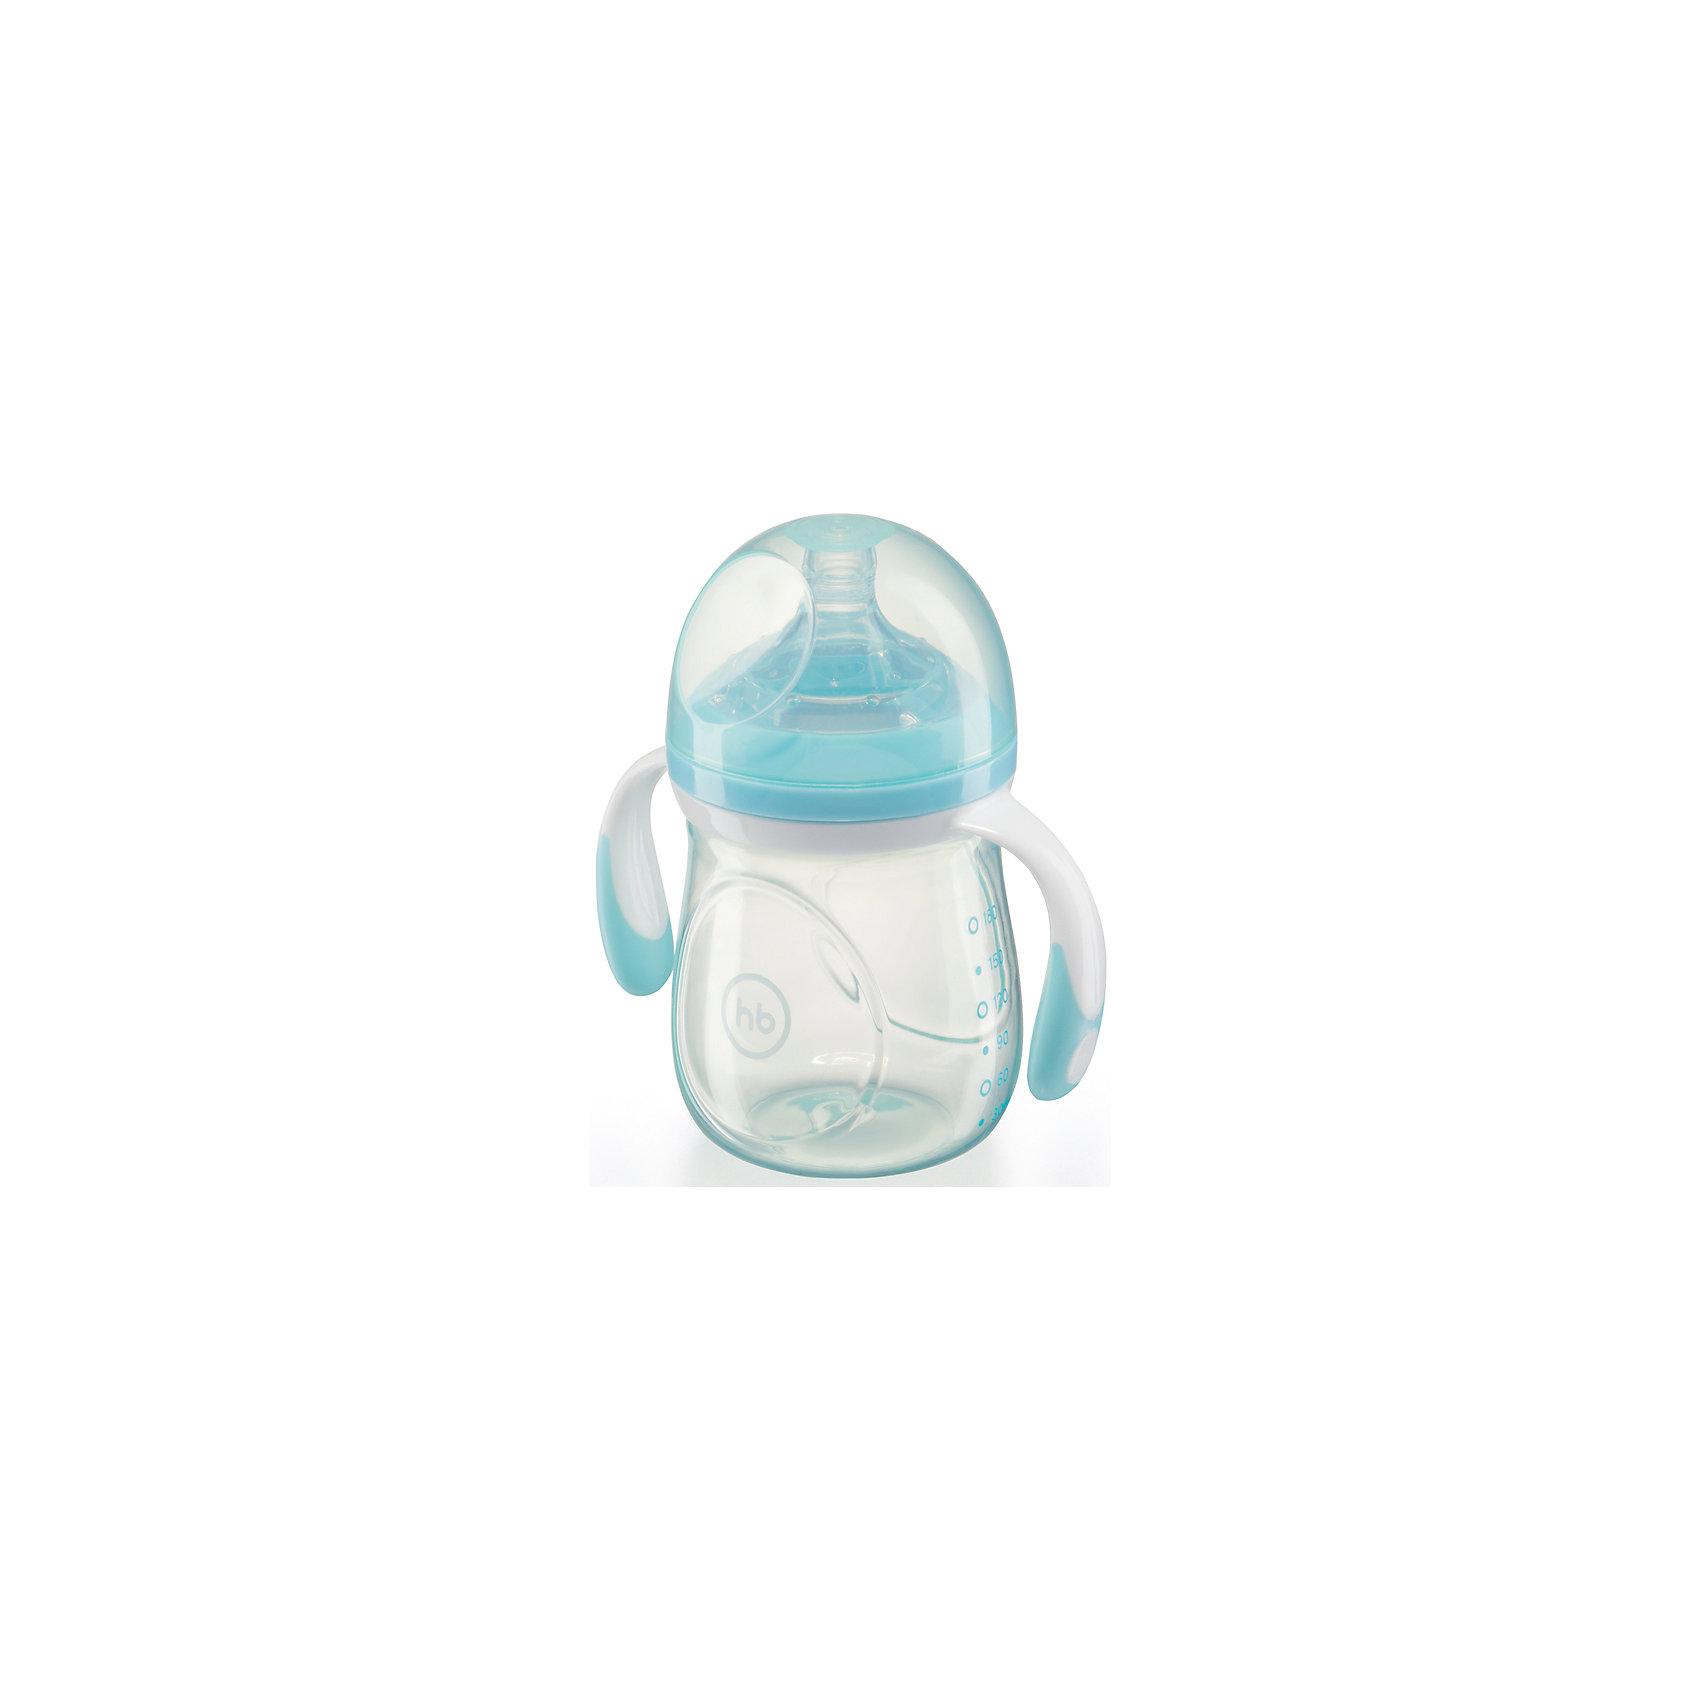 Бутылочка для кормления с антиколиковой соской, 180 мл, Happy Baby, голубой110 - 180 мл.<br>Как известно, в первые несколько месяцев жизни малыша, его пищеварительная система может работать с перебоями. Она пытается приспособиться к новым непростым условиям.  В результате кроха может страдать от повышенного газообразования, которое приводит к болезненным ощущениям и коликам в кишечнике. При этом ребенок может плакать, кричать и капризничать.Бутылочка для кормления с антиколиковой соской, 180 мл, Happy Baby, голубой позволяет бороться с образованием коликов у малышей в первые месяцы жизни и создаёт максимальный комфорт при кормлении. Благодаря соске с антиколиковыми клапанами, воздух не смешивается со смесью и выходит через клапаны, что препятствует повышенному газообразованию и вздутию животика. Естественная физиологичная форма мягкой силиконовой соски позволяет ребенку захватывать её широко раскрытым ртом также, как и грудь мамы, что способствует сохранению грудного вскармливания. <br>Бутылочка имеет съемные ручки с антискользящим покрытием, удобную шкалу с делениями в 30мл, комплектуется соской с медленным потоком, а удобная форма позволяет прочно удерживать её в руке. <br><br>Дополнительная информация:<br>-  широкое горло<br>-  медленный поток<br>- антиколиковая силиконовая соска<br>- съемные ручки с антискользящим покрытие<br>- удобная форма для прочного удерживания в руке<br>- герметичная крышка<br>- шкала с делением в 30 мл.<br>- возраст ребенка: от 0 месяцев<br>- материал полипропилен, силикон, эластомер<br><br>Бутылочку  для кормления с антиколиковой соской, 180 мл, Happy Baby, голубой можно купить в нашем интернет- магазине<br><br>Ширина мм: 75<br>Глубина мм: 125<br>Высота мм: 210<br>Вес г: 114<br>Возраст от месяцев: 0<br>Возраст до месяцев: 12<br>Пол: Унисекс<br>Возраст: Детский<br>SKU: 4696788